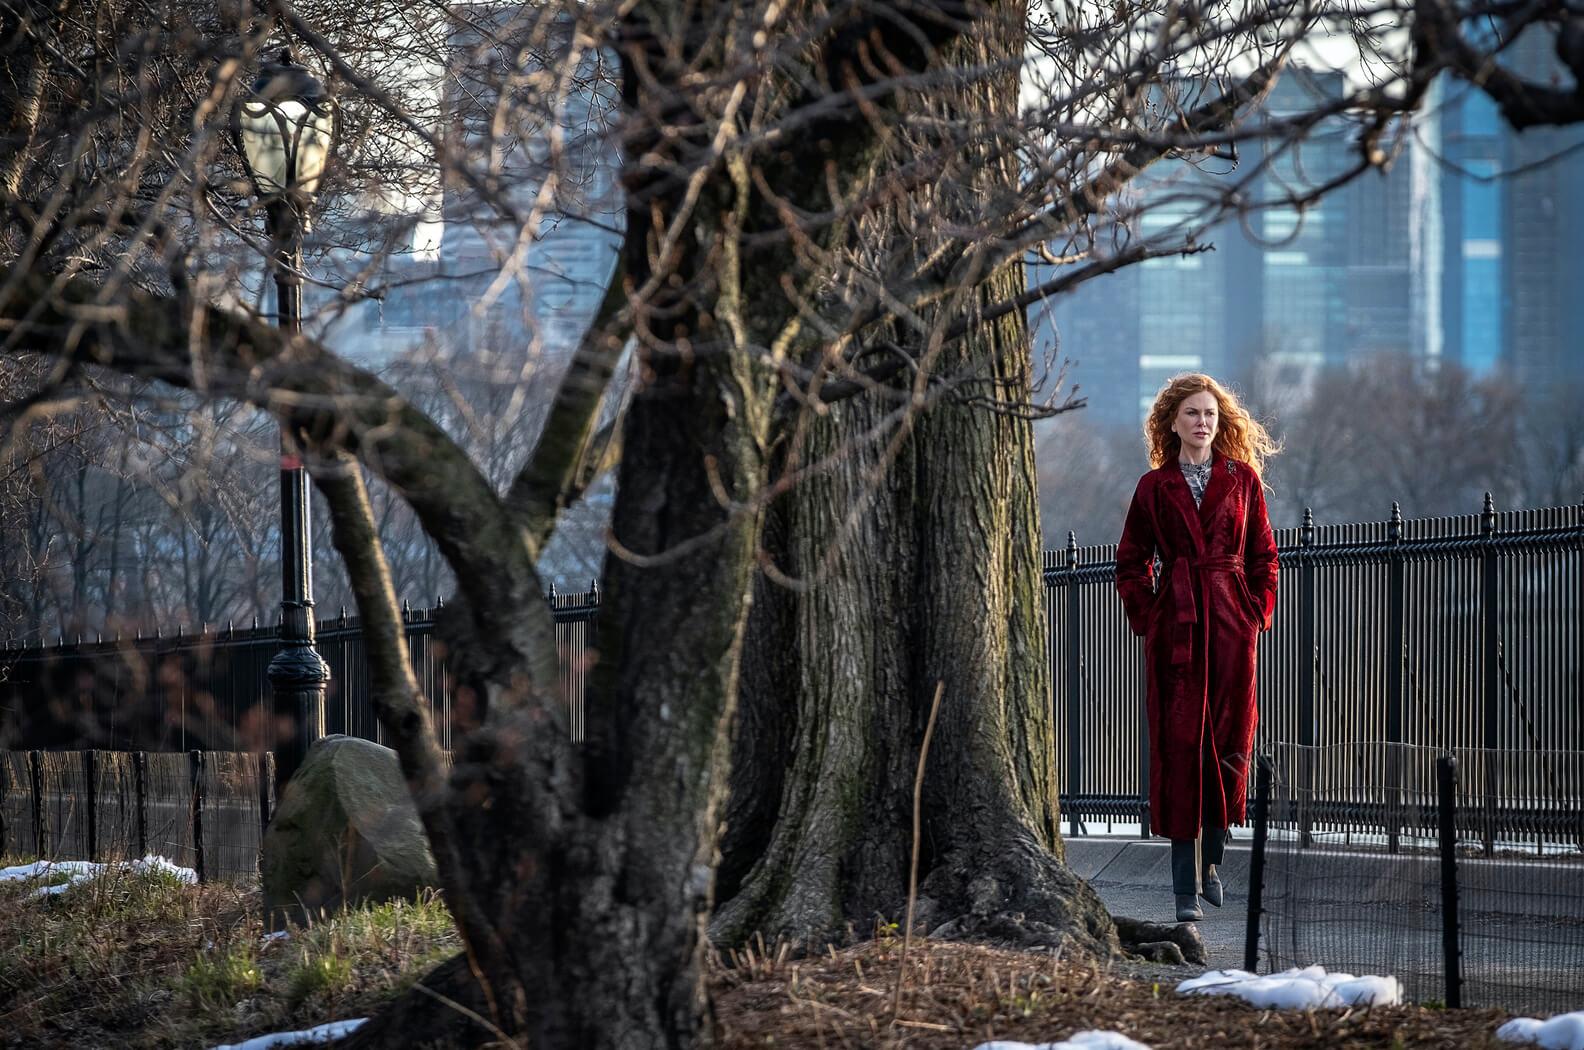 Nicole Kidman walking alone in long red coat